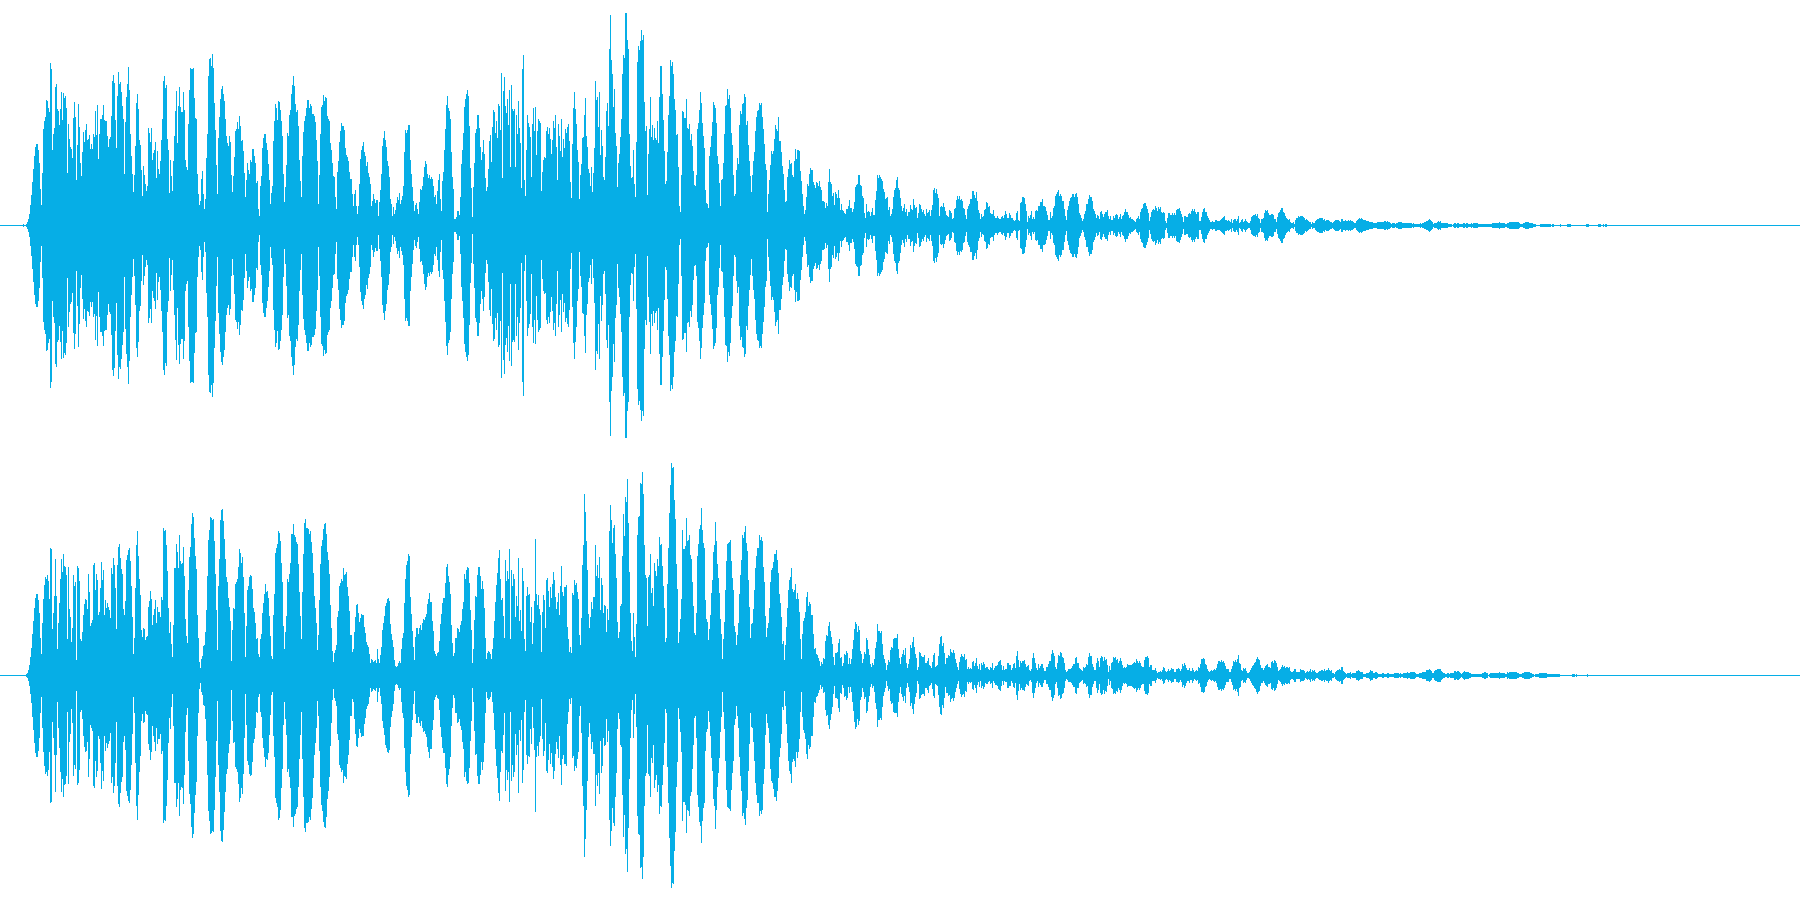 ザッダン(床の上で踏み出しすぐに停止)の再生済みの波形